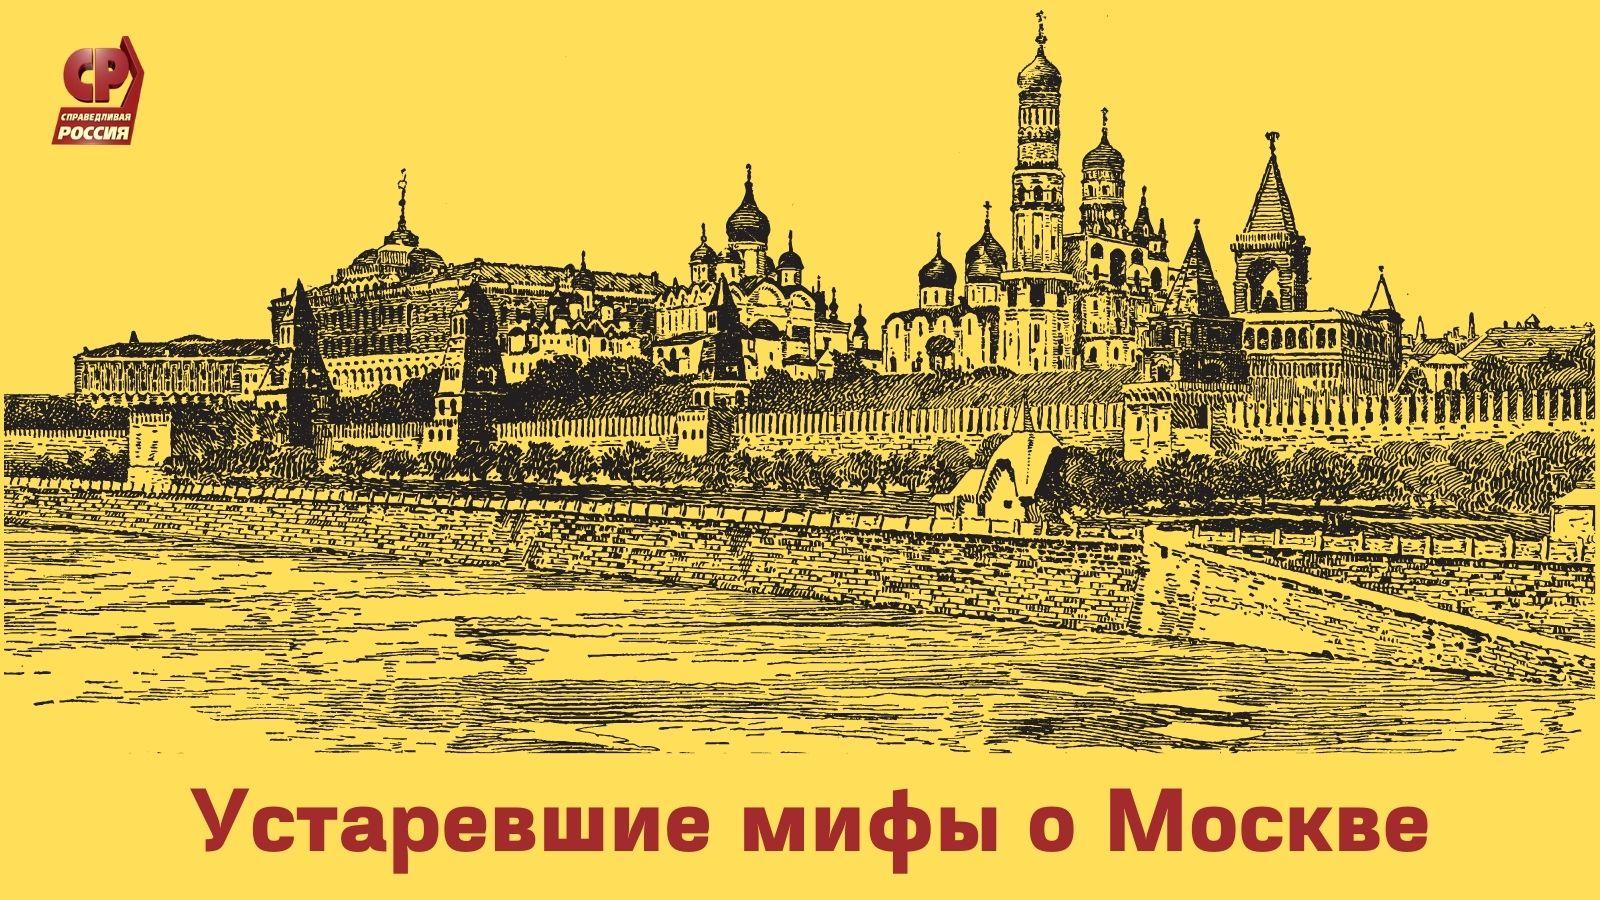 Устаревшие мифы о Москве